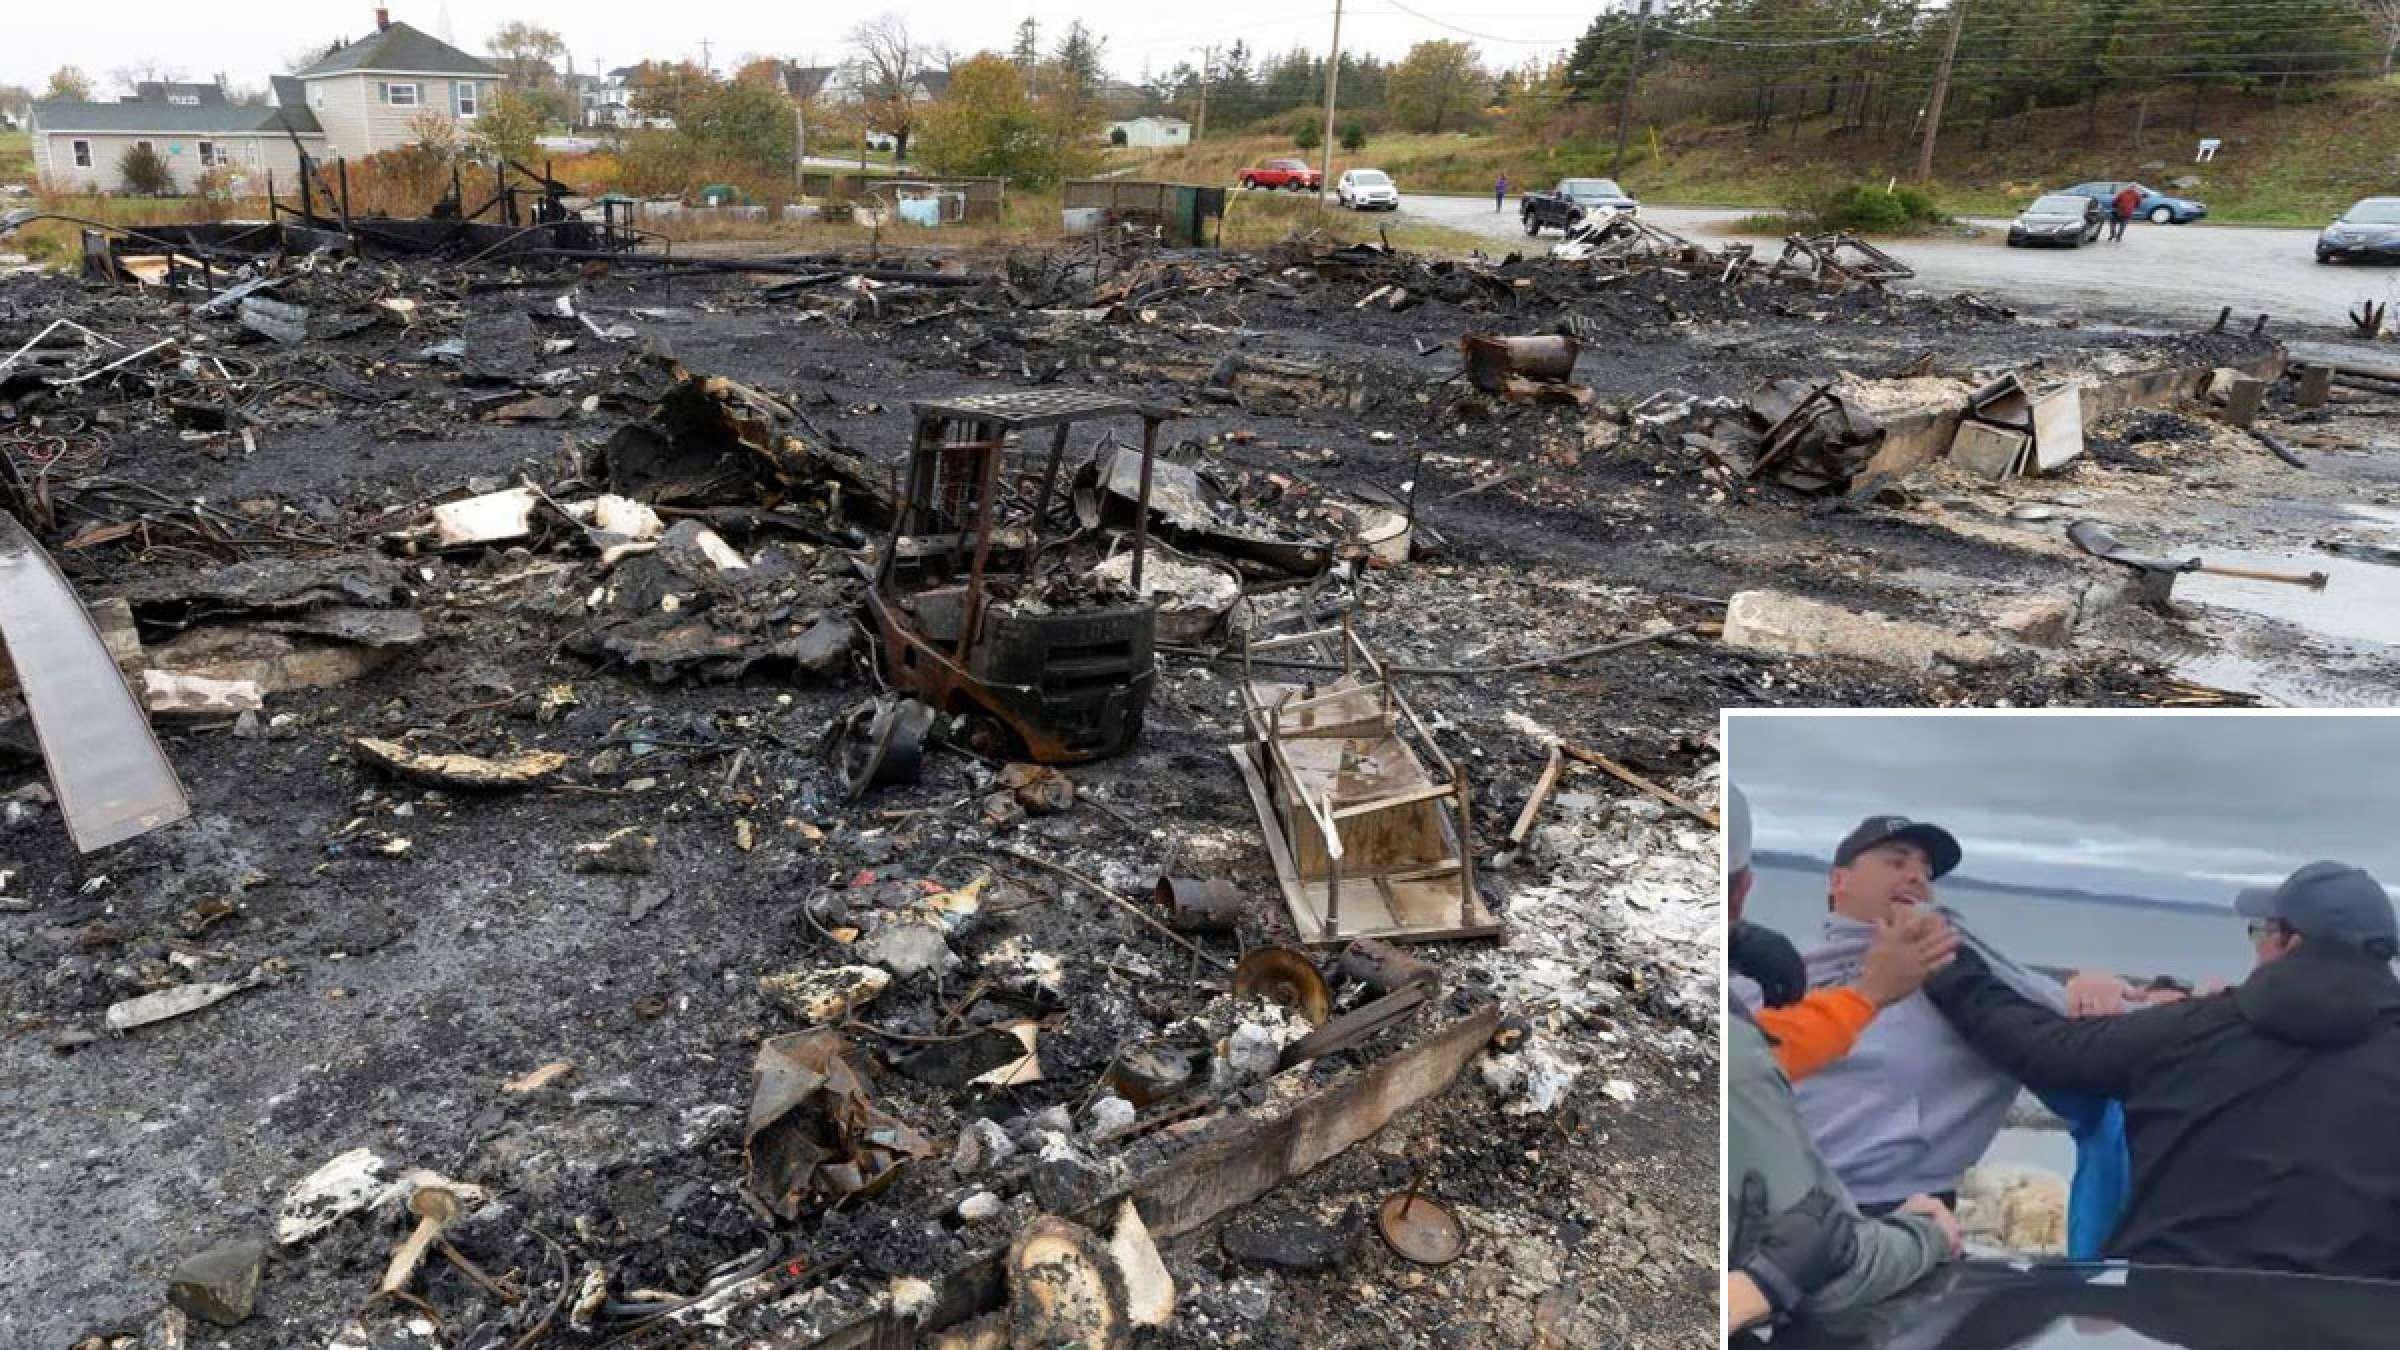 اخبار-کانادا-درگیری-شدید-بومیان-با-صیادان-خرچنگ-به-آتش-زدن-کارخانه-و-کمک-از-ارتش-و-پلیس-کشید